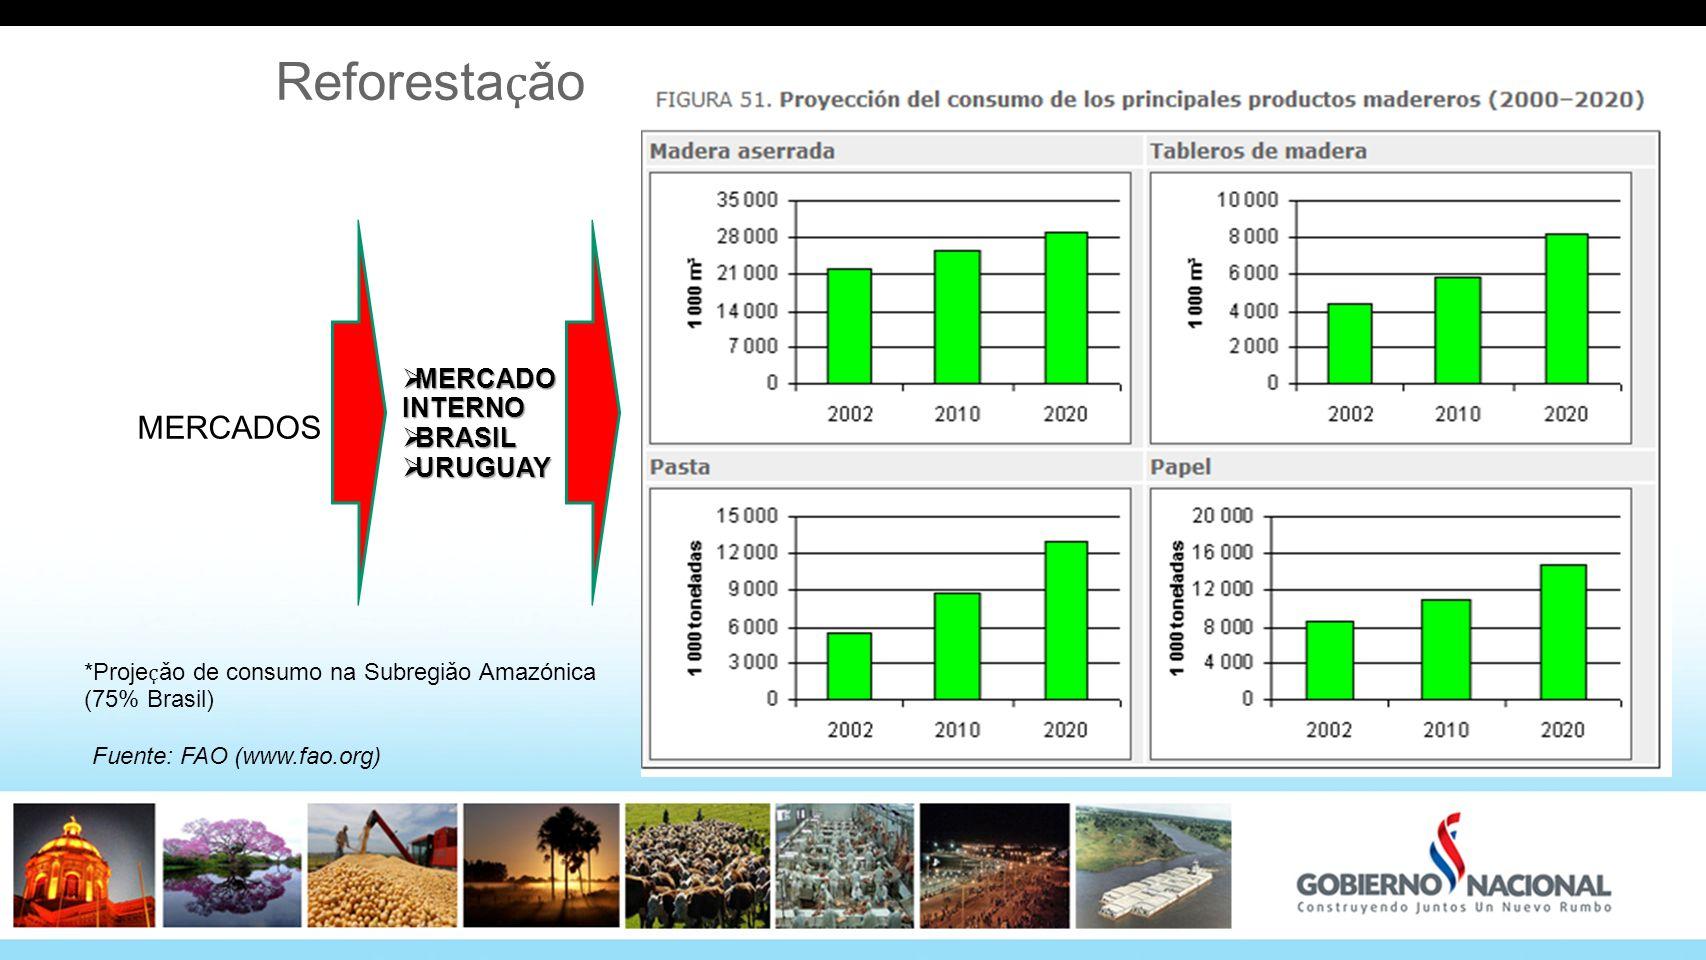 Reforesta ҫ ǎo MERCADO INTERNO MERCADO INTERNO BRASIL BRASIL URUGUAY URUGUAY MERCADOS Fuente: FAO (www.fao.org) *Proje ҫ ǎo de consumo na Subregiǎo Am